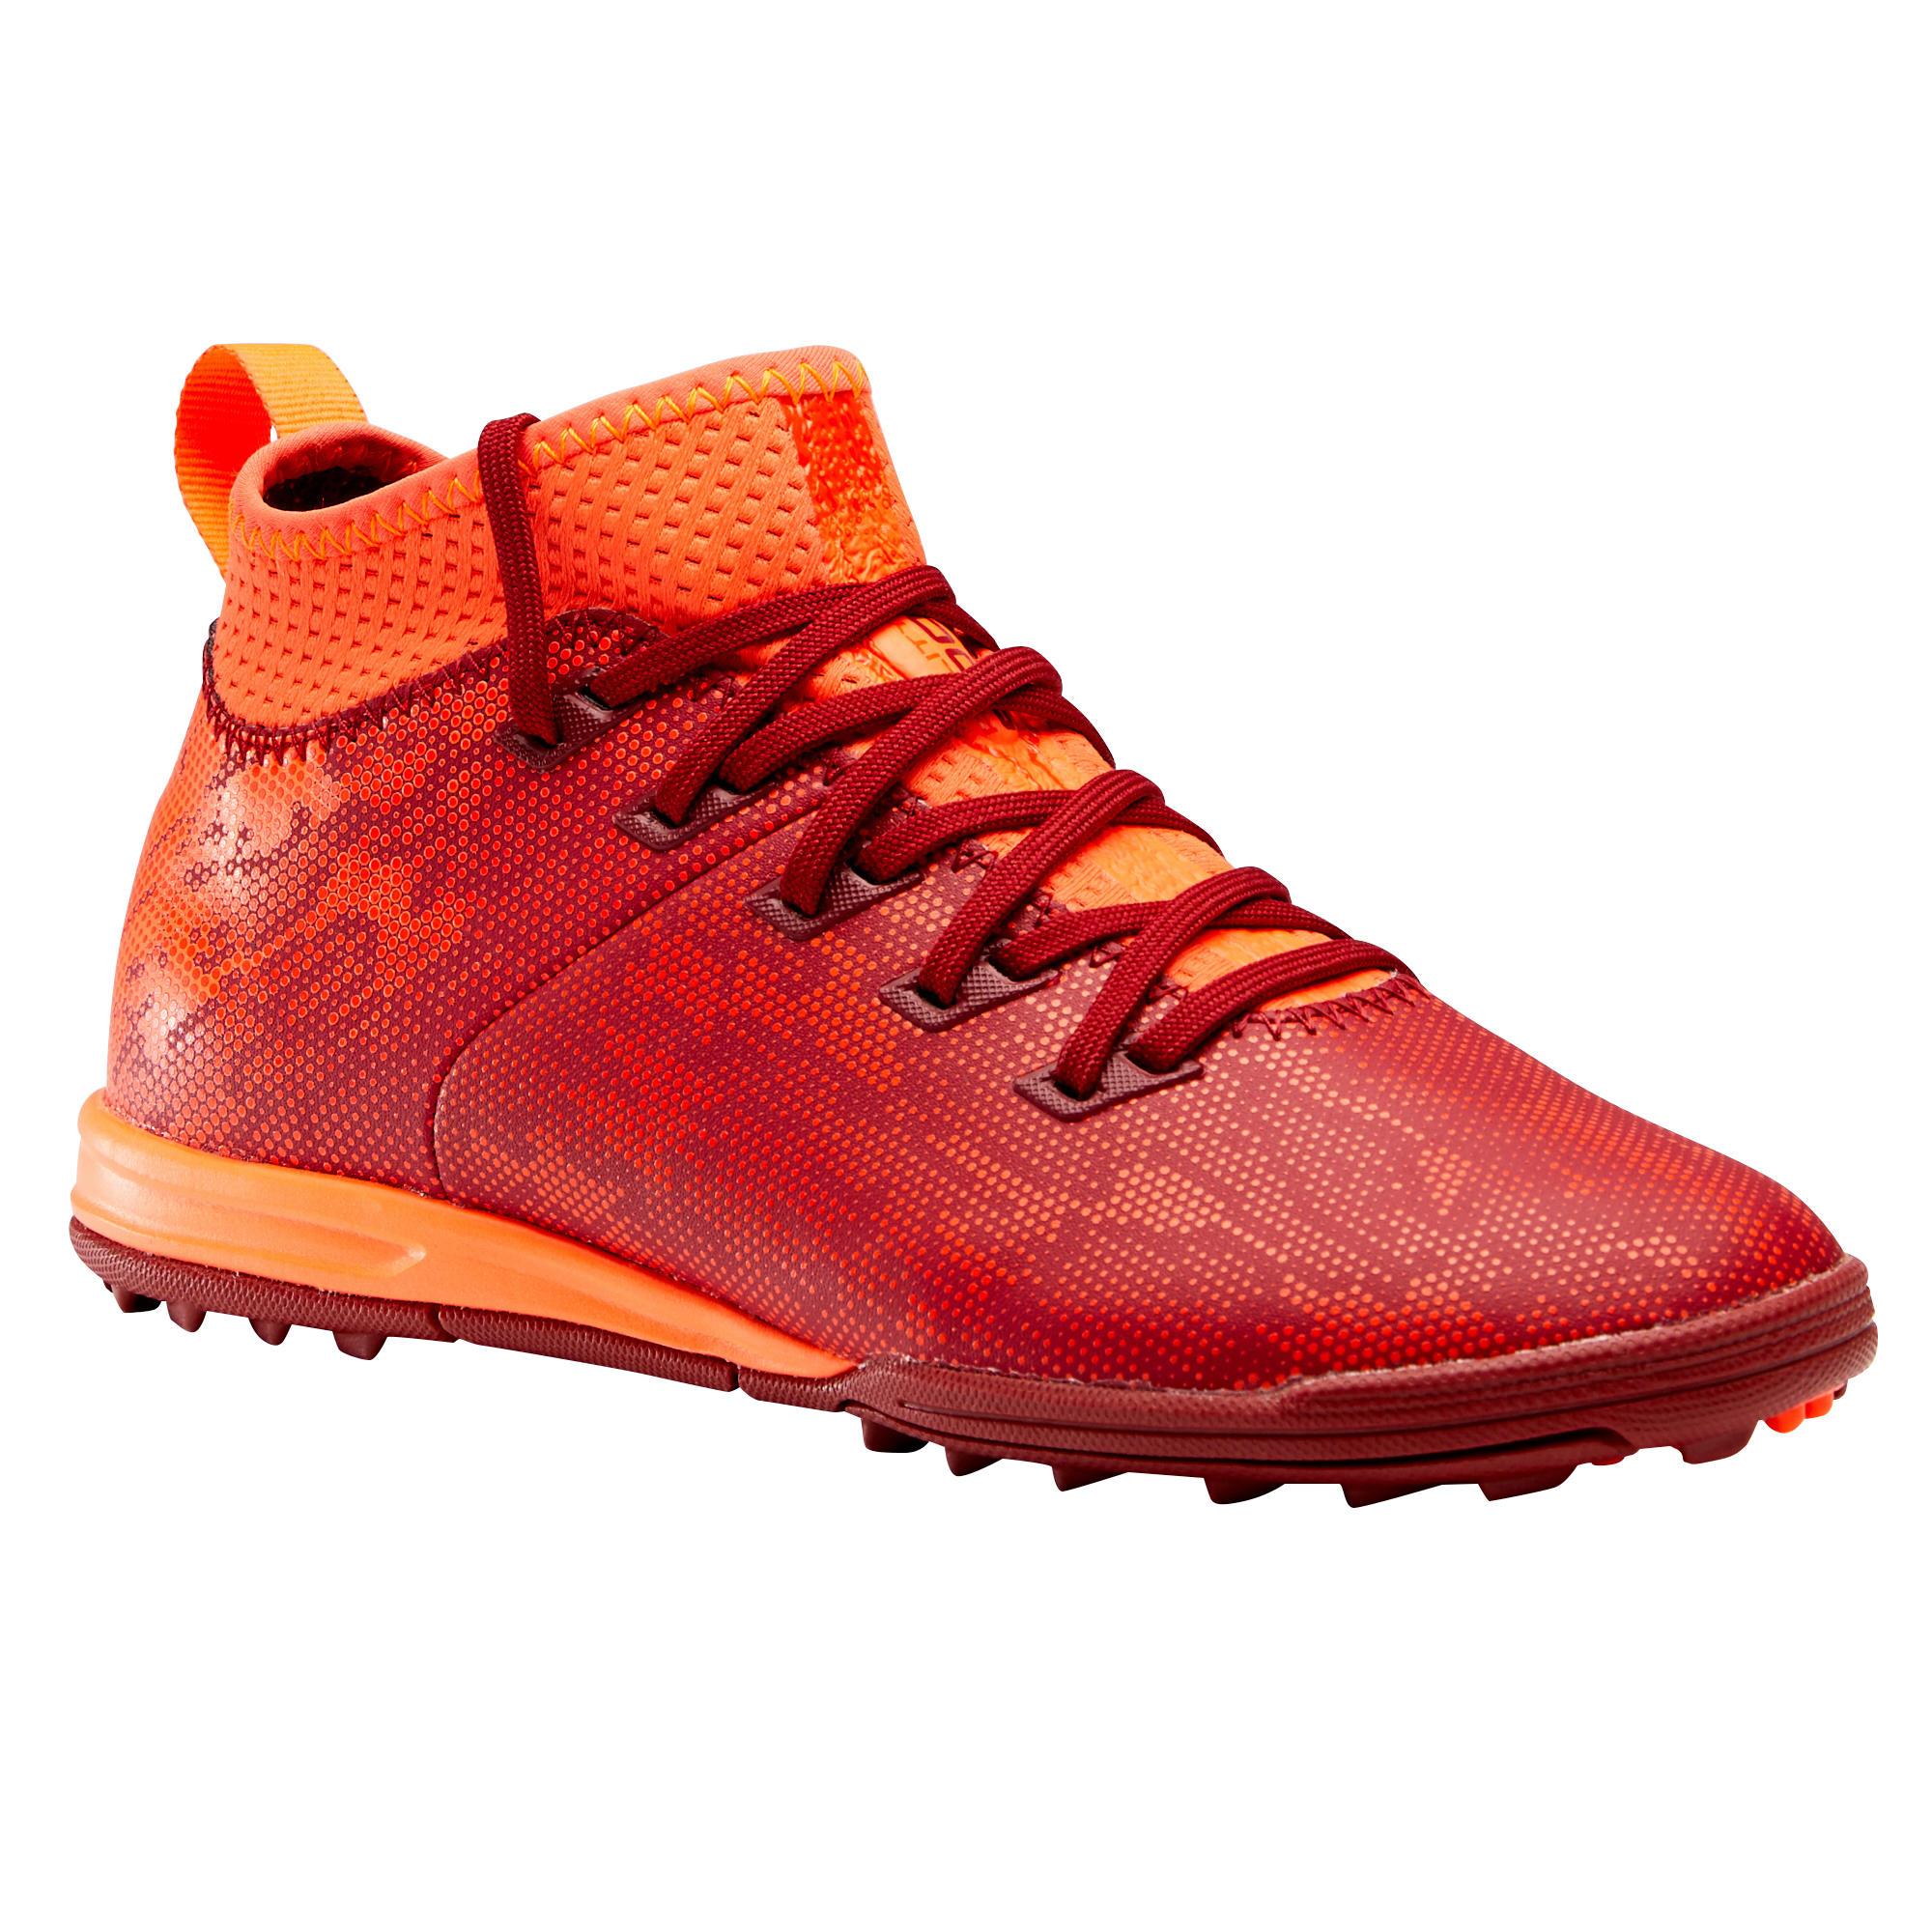 Fussballschuhe Multinocken Agility 900 HG Kinder rot/orange